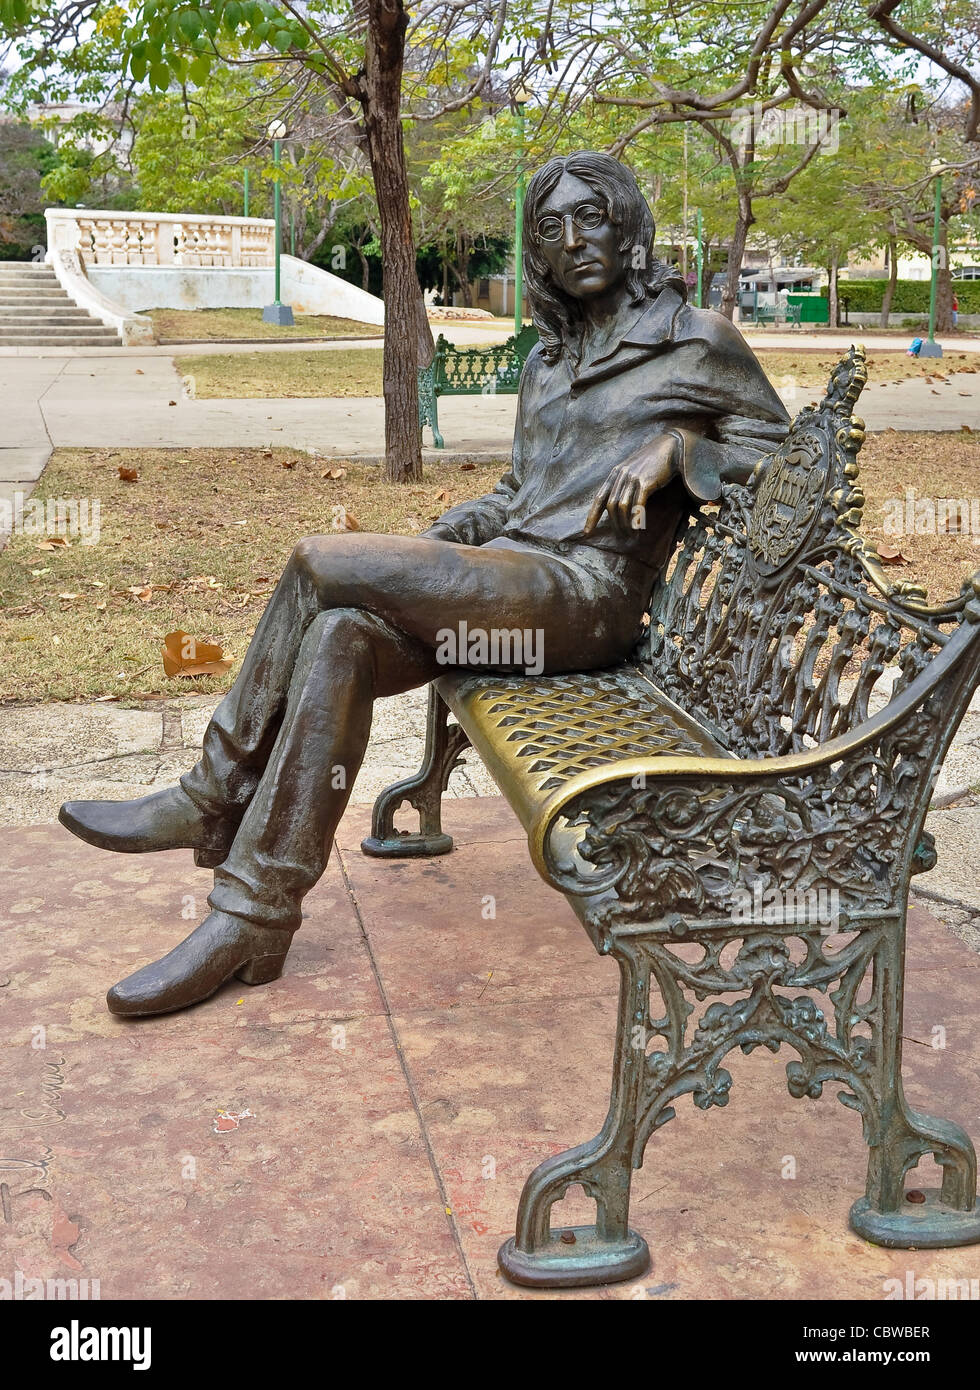 John Lennon in John Lennon Park, February 3, 2010 in Havana Cuba. Lennon is revered in Cuba. - Stock Image